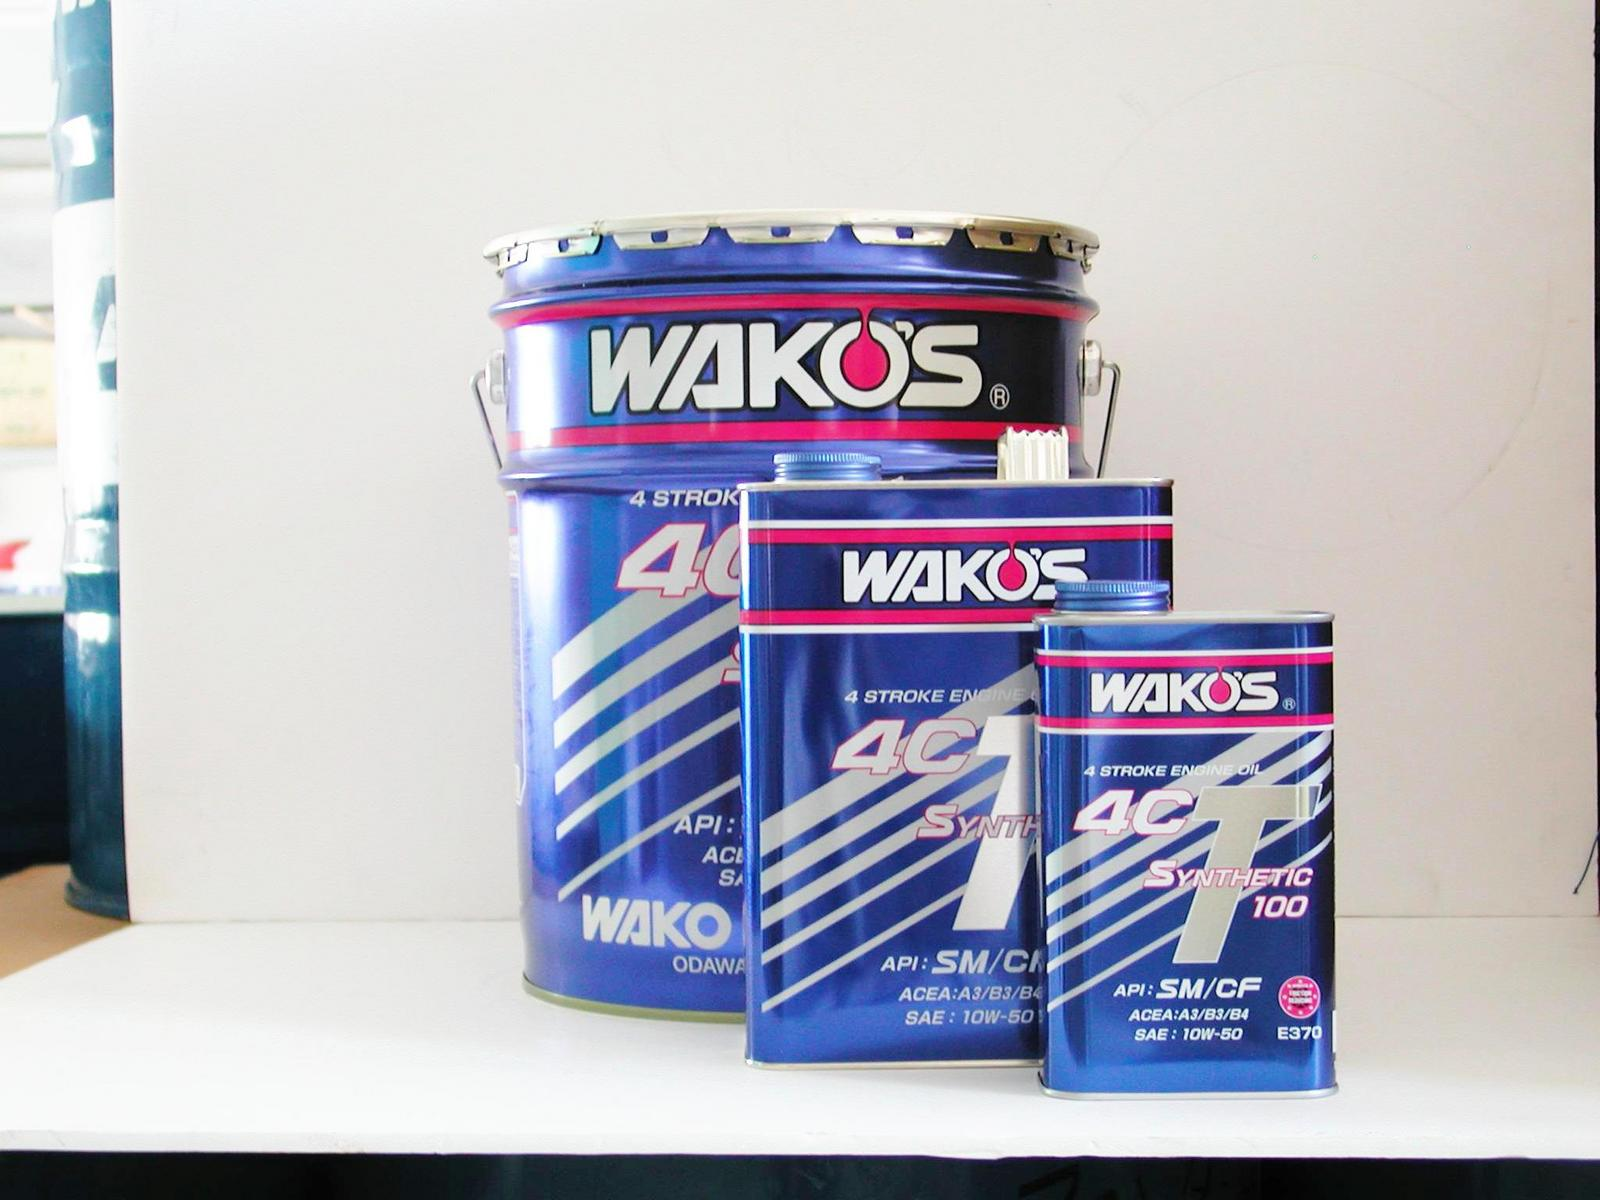 WAKO'S(ワコーズ) 4CT-S 1L缶 フォーシーティーエス